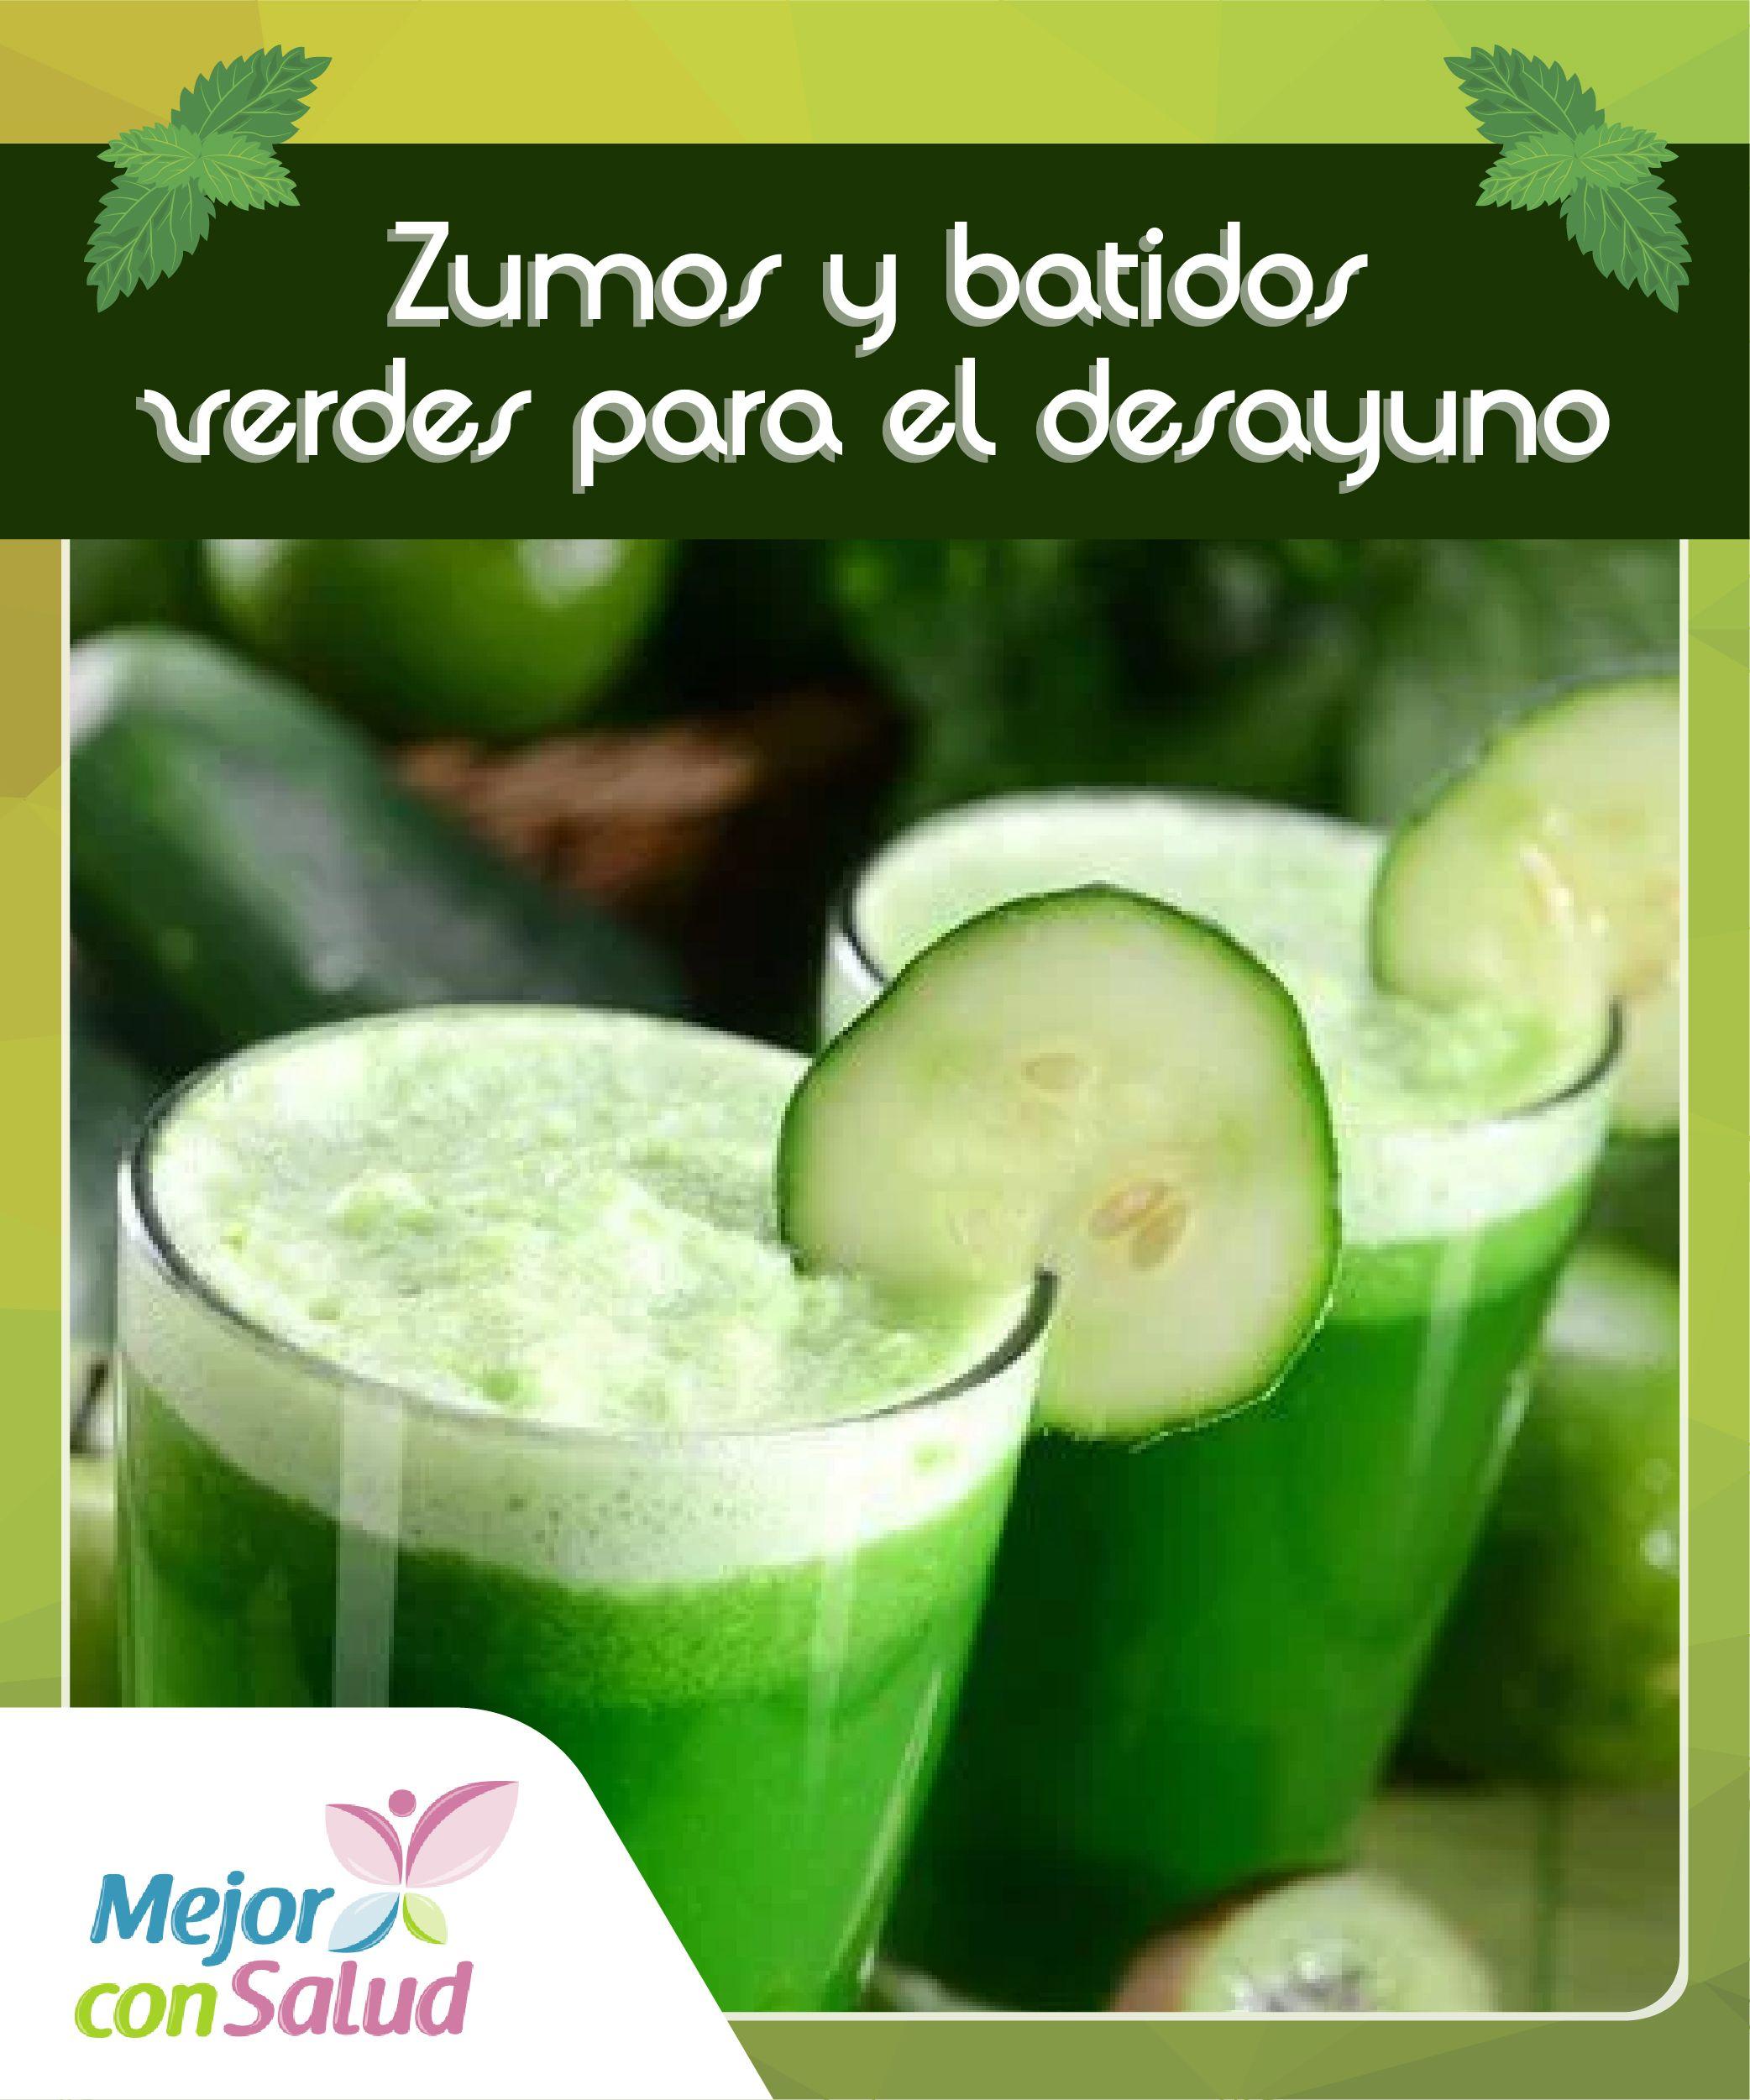 Batidos verdes para desayunar y bajar de peso